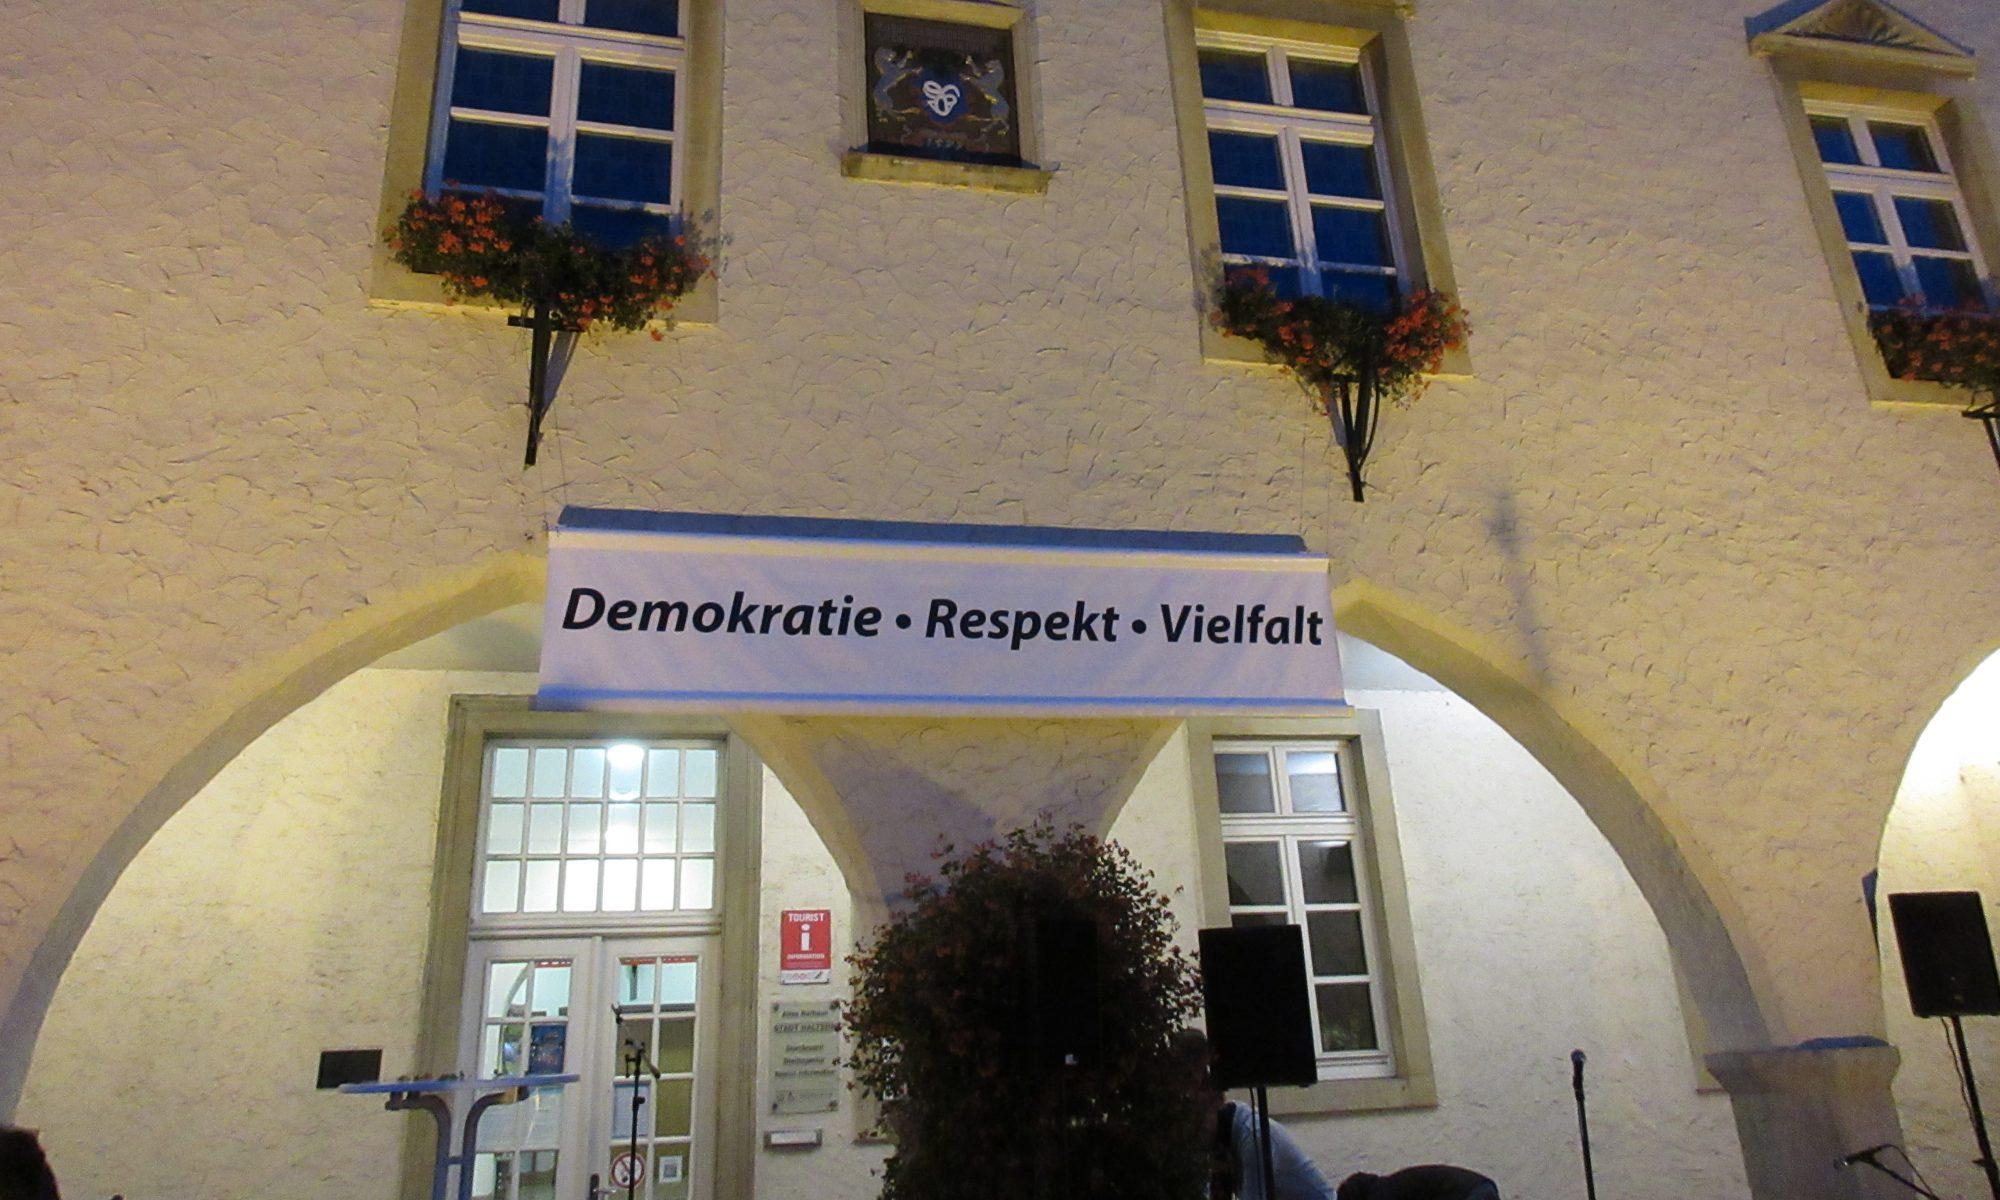 Forum für Demokratie, Respekt und Vielfalt